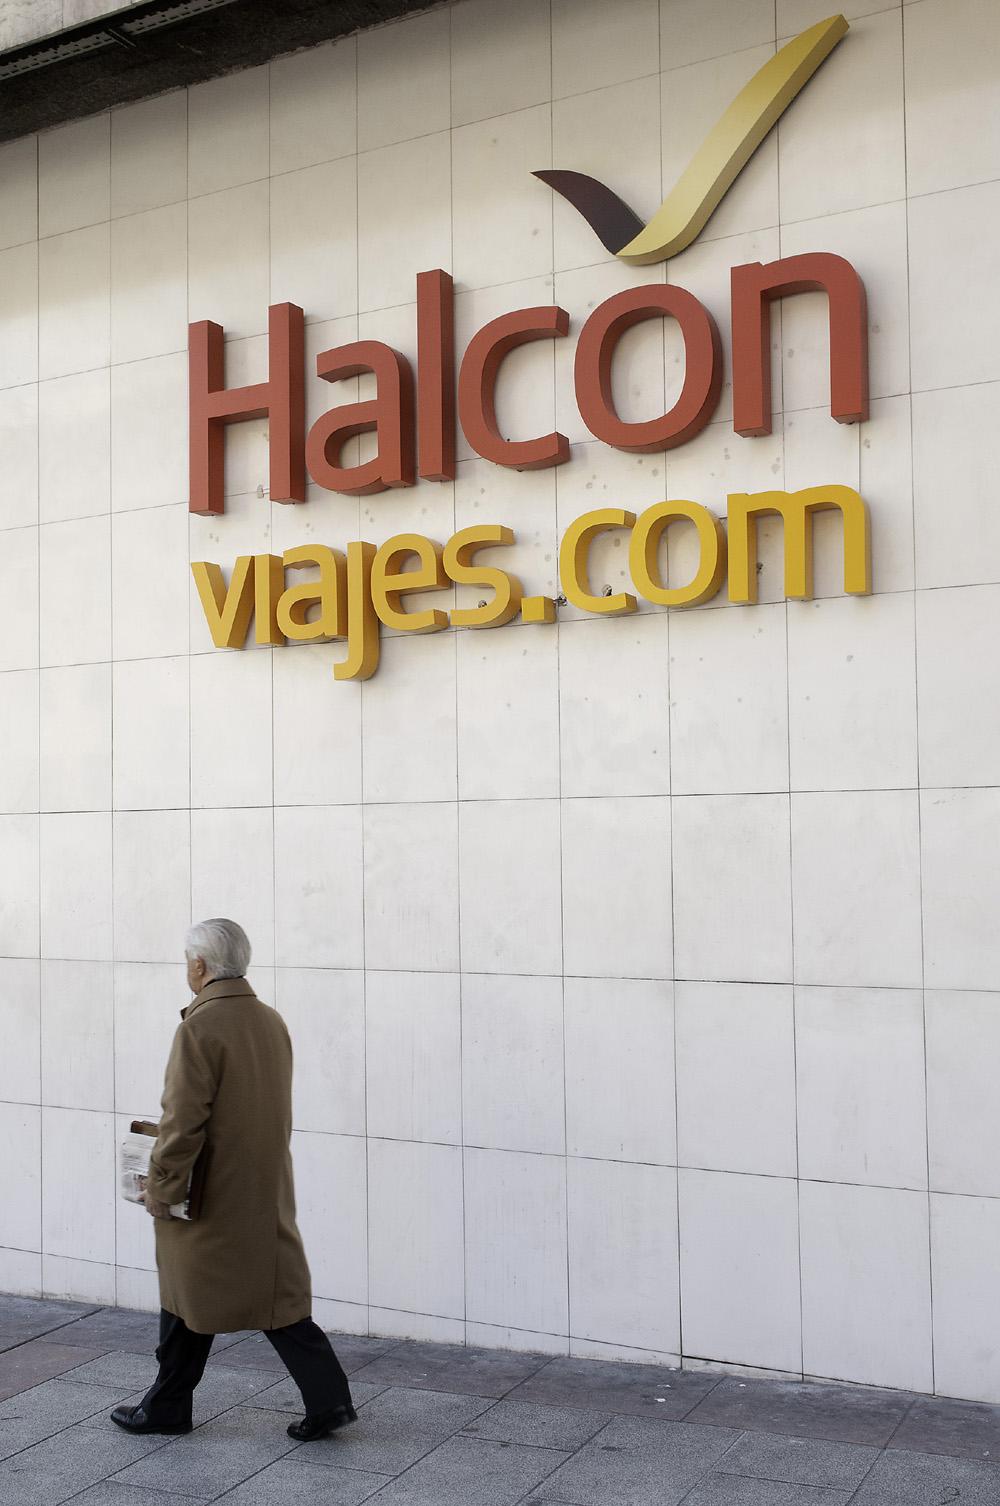 El negocio de las franquicias se estabiliza en el sector de agencias tras dos a os de fuertes - Oficinas viajes halcon ...